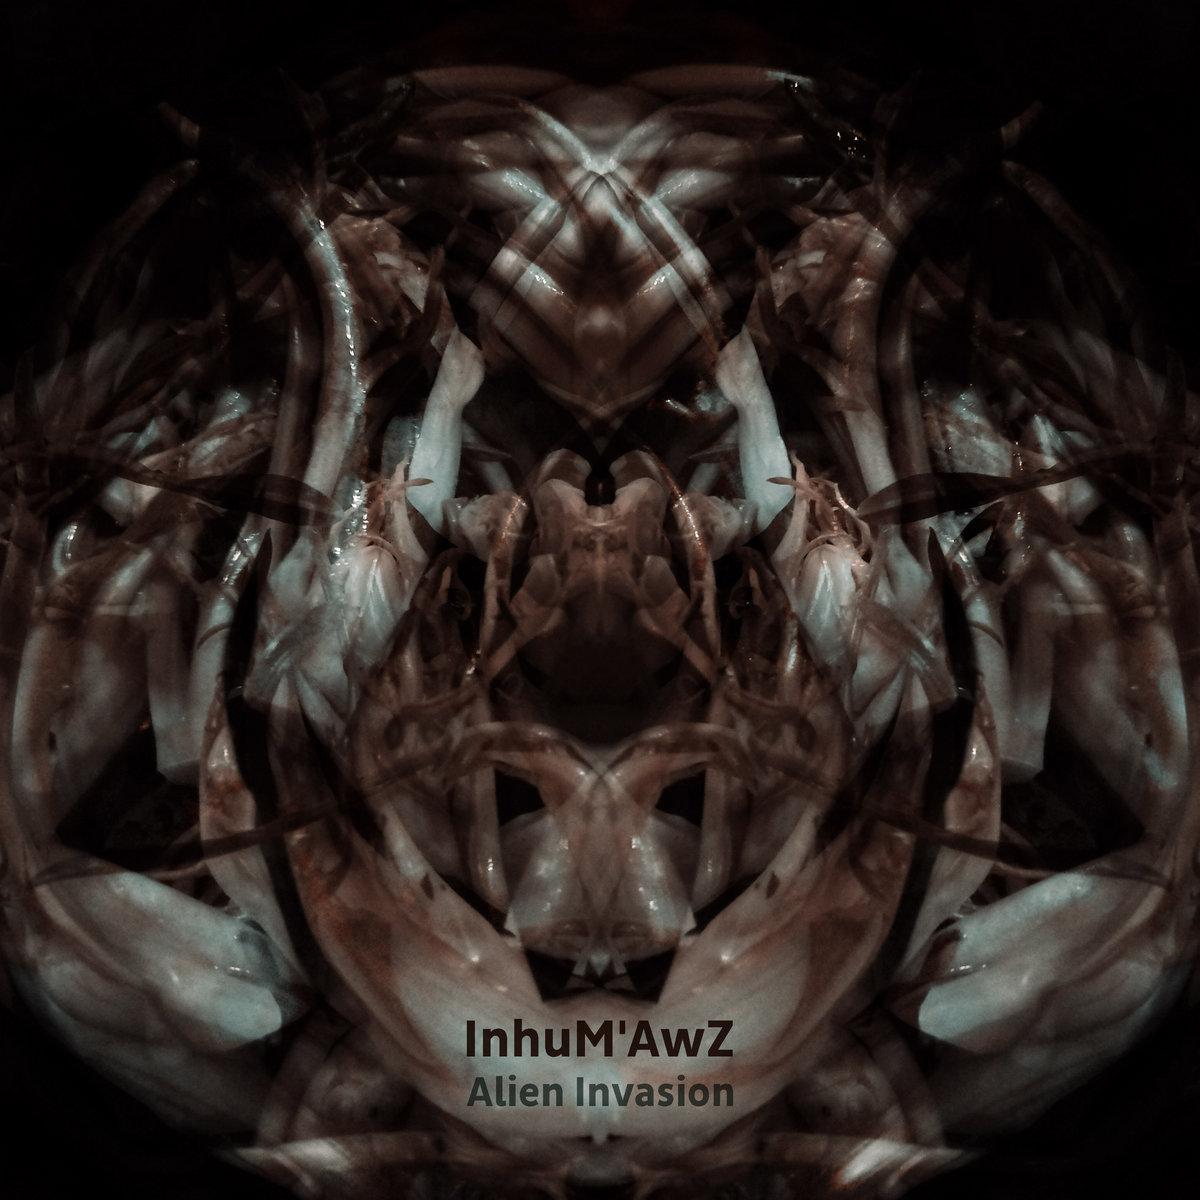 InhuM'AwZ – Alien Invasion